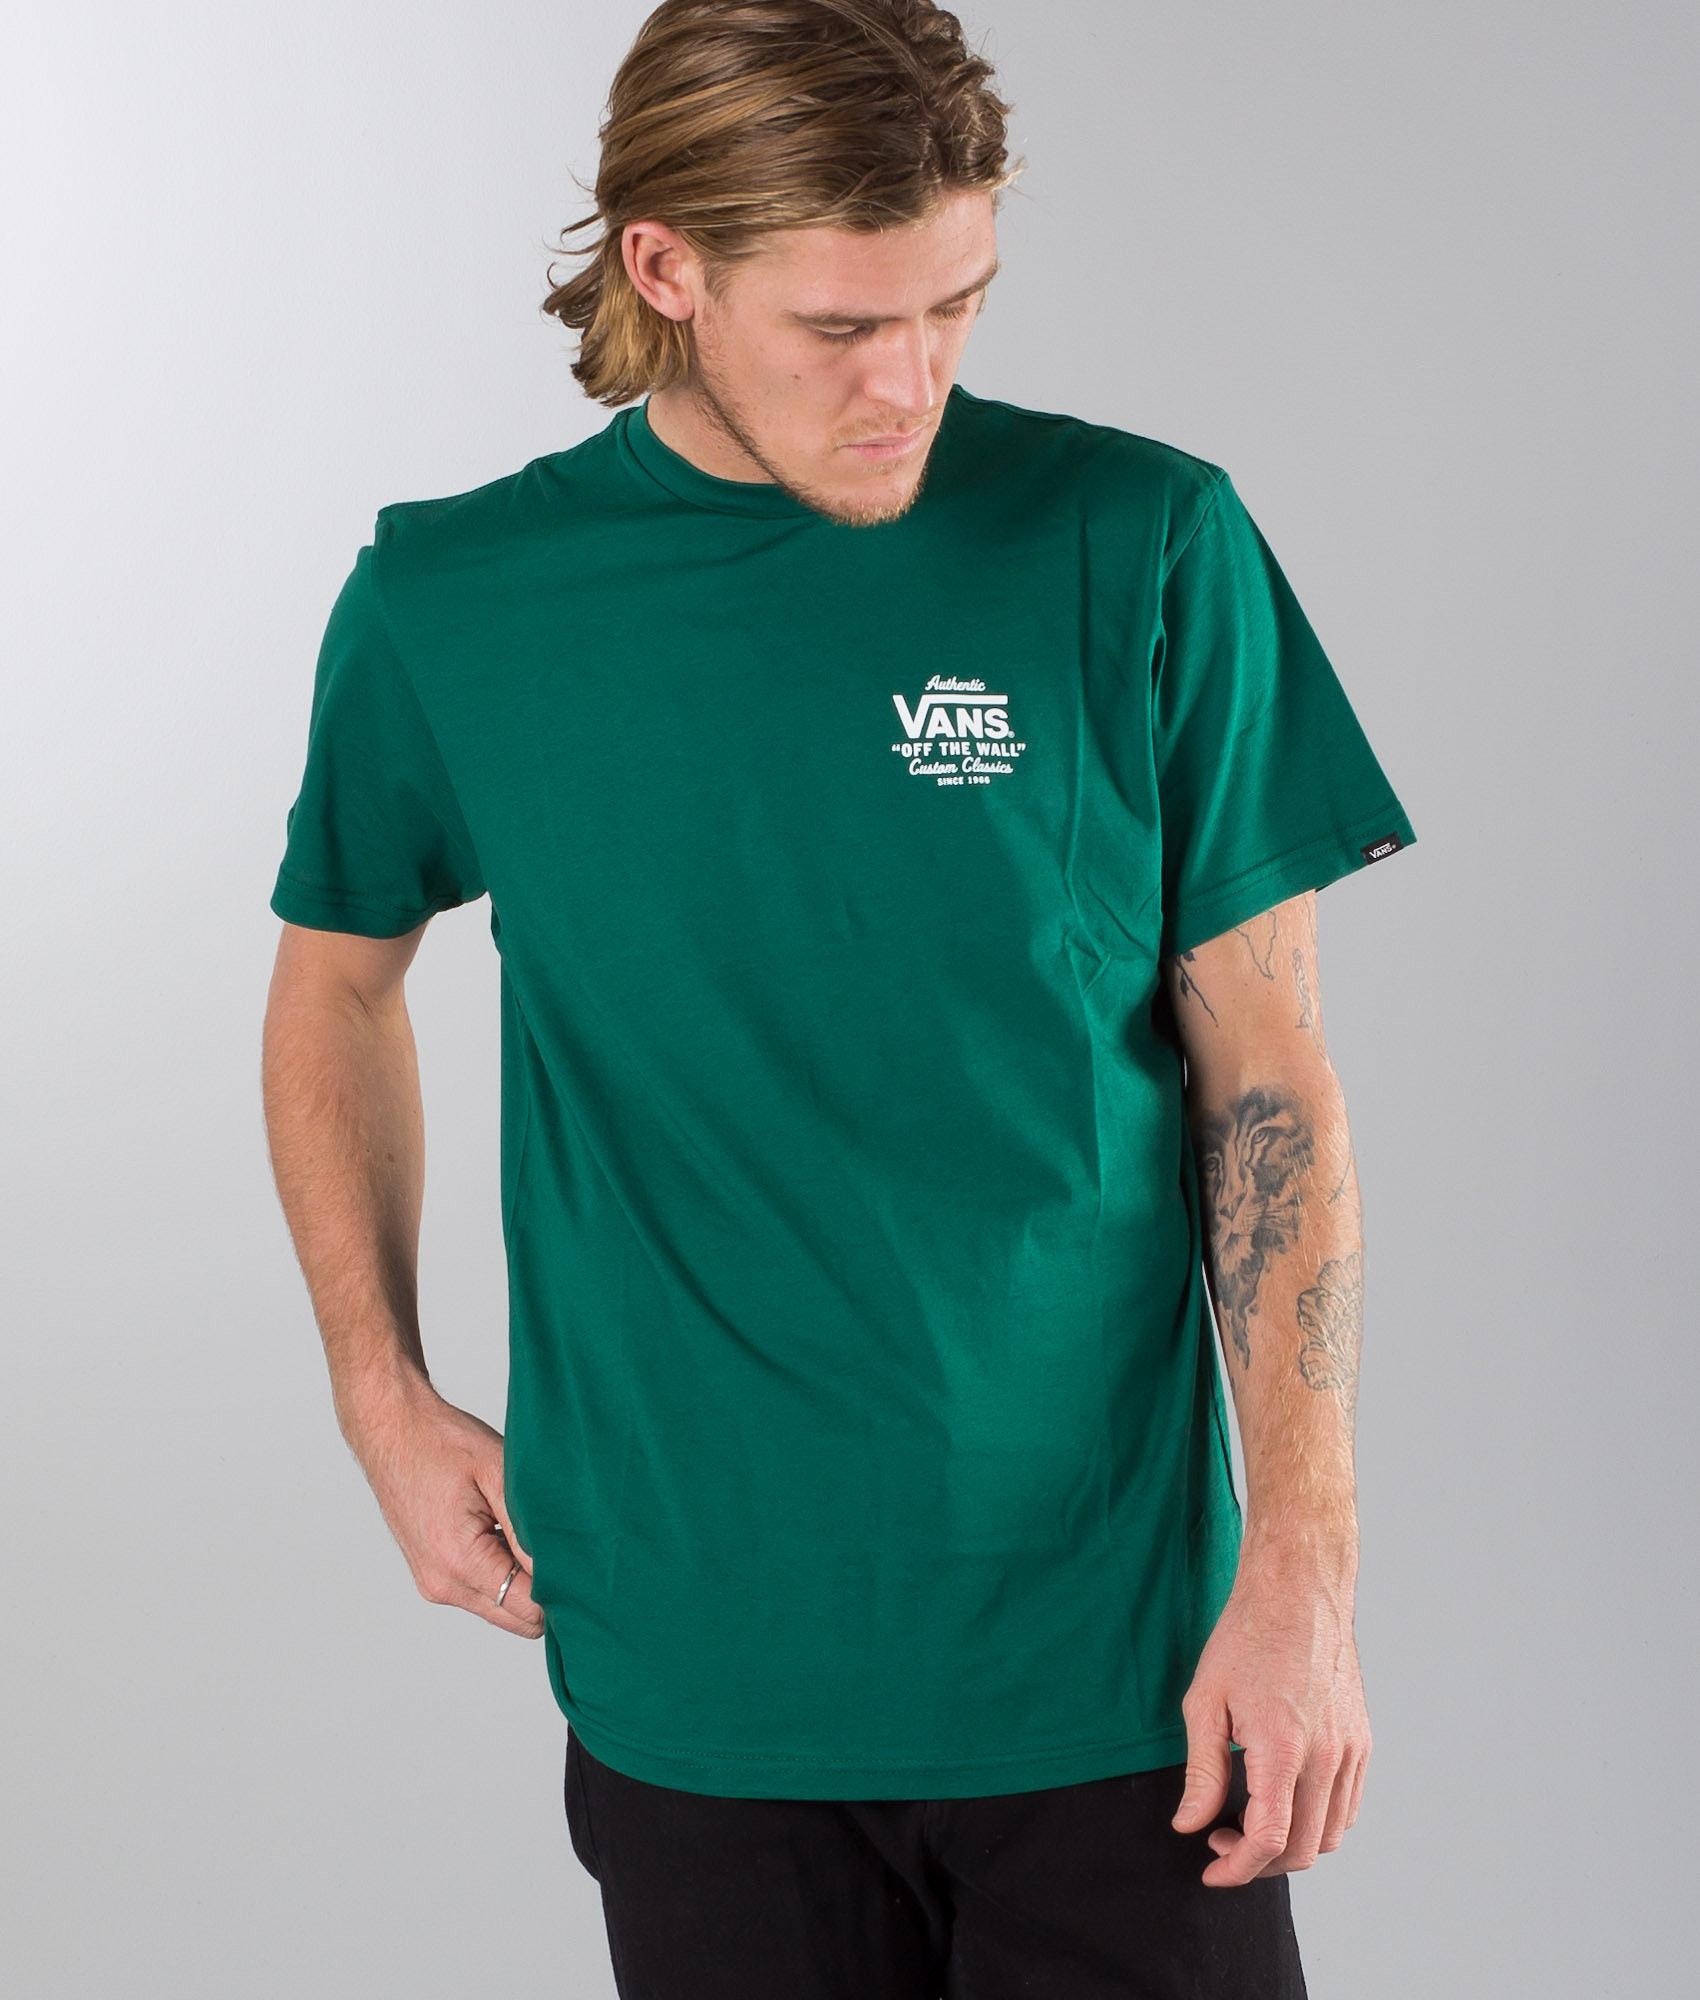 Vans Holder Street II T-shirt Evergreen-White - Ridestore.com a8a335c481